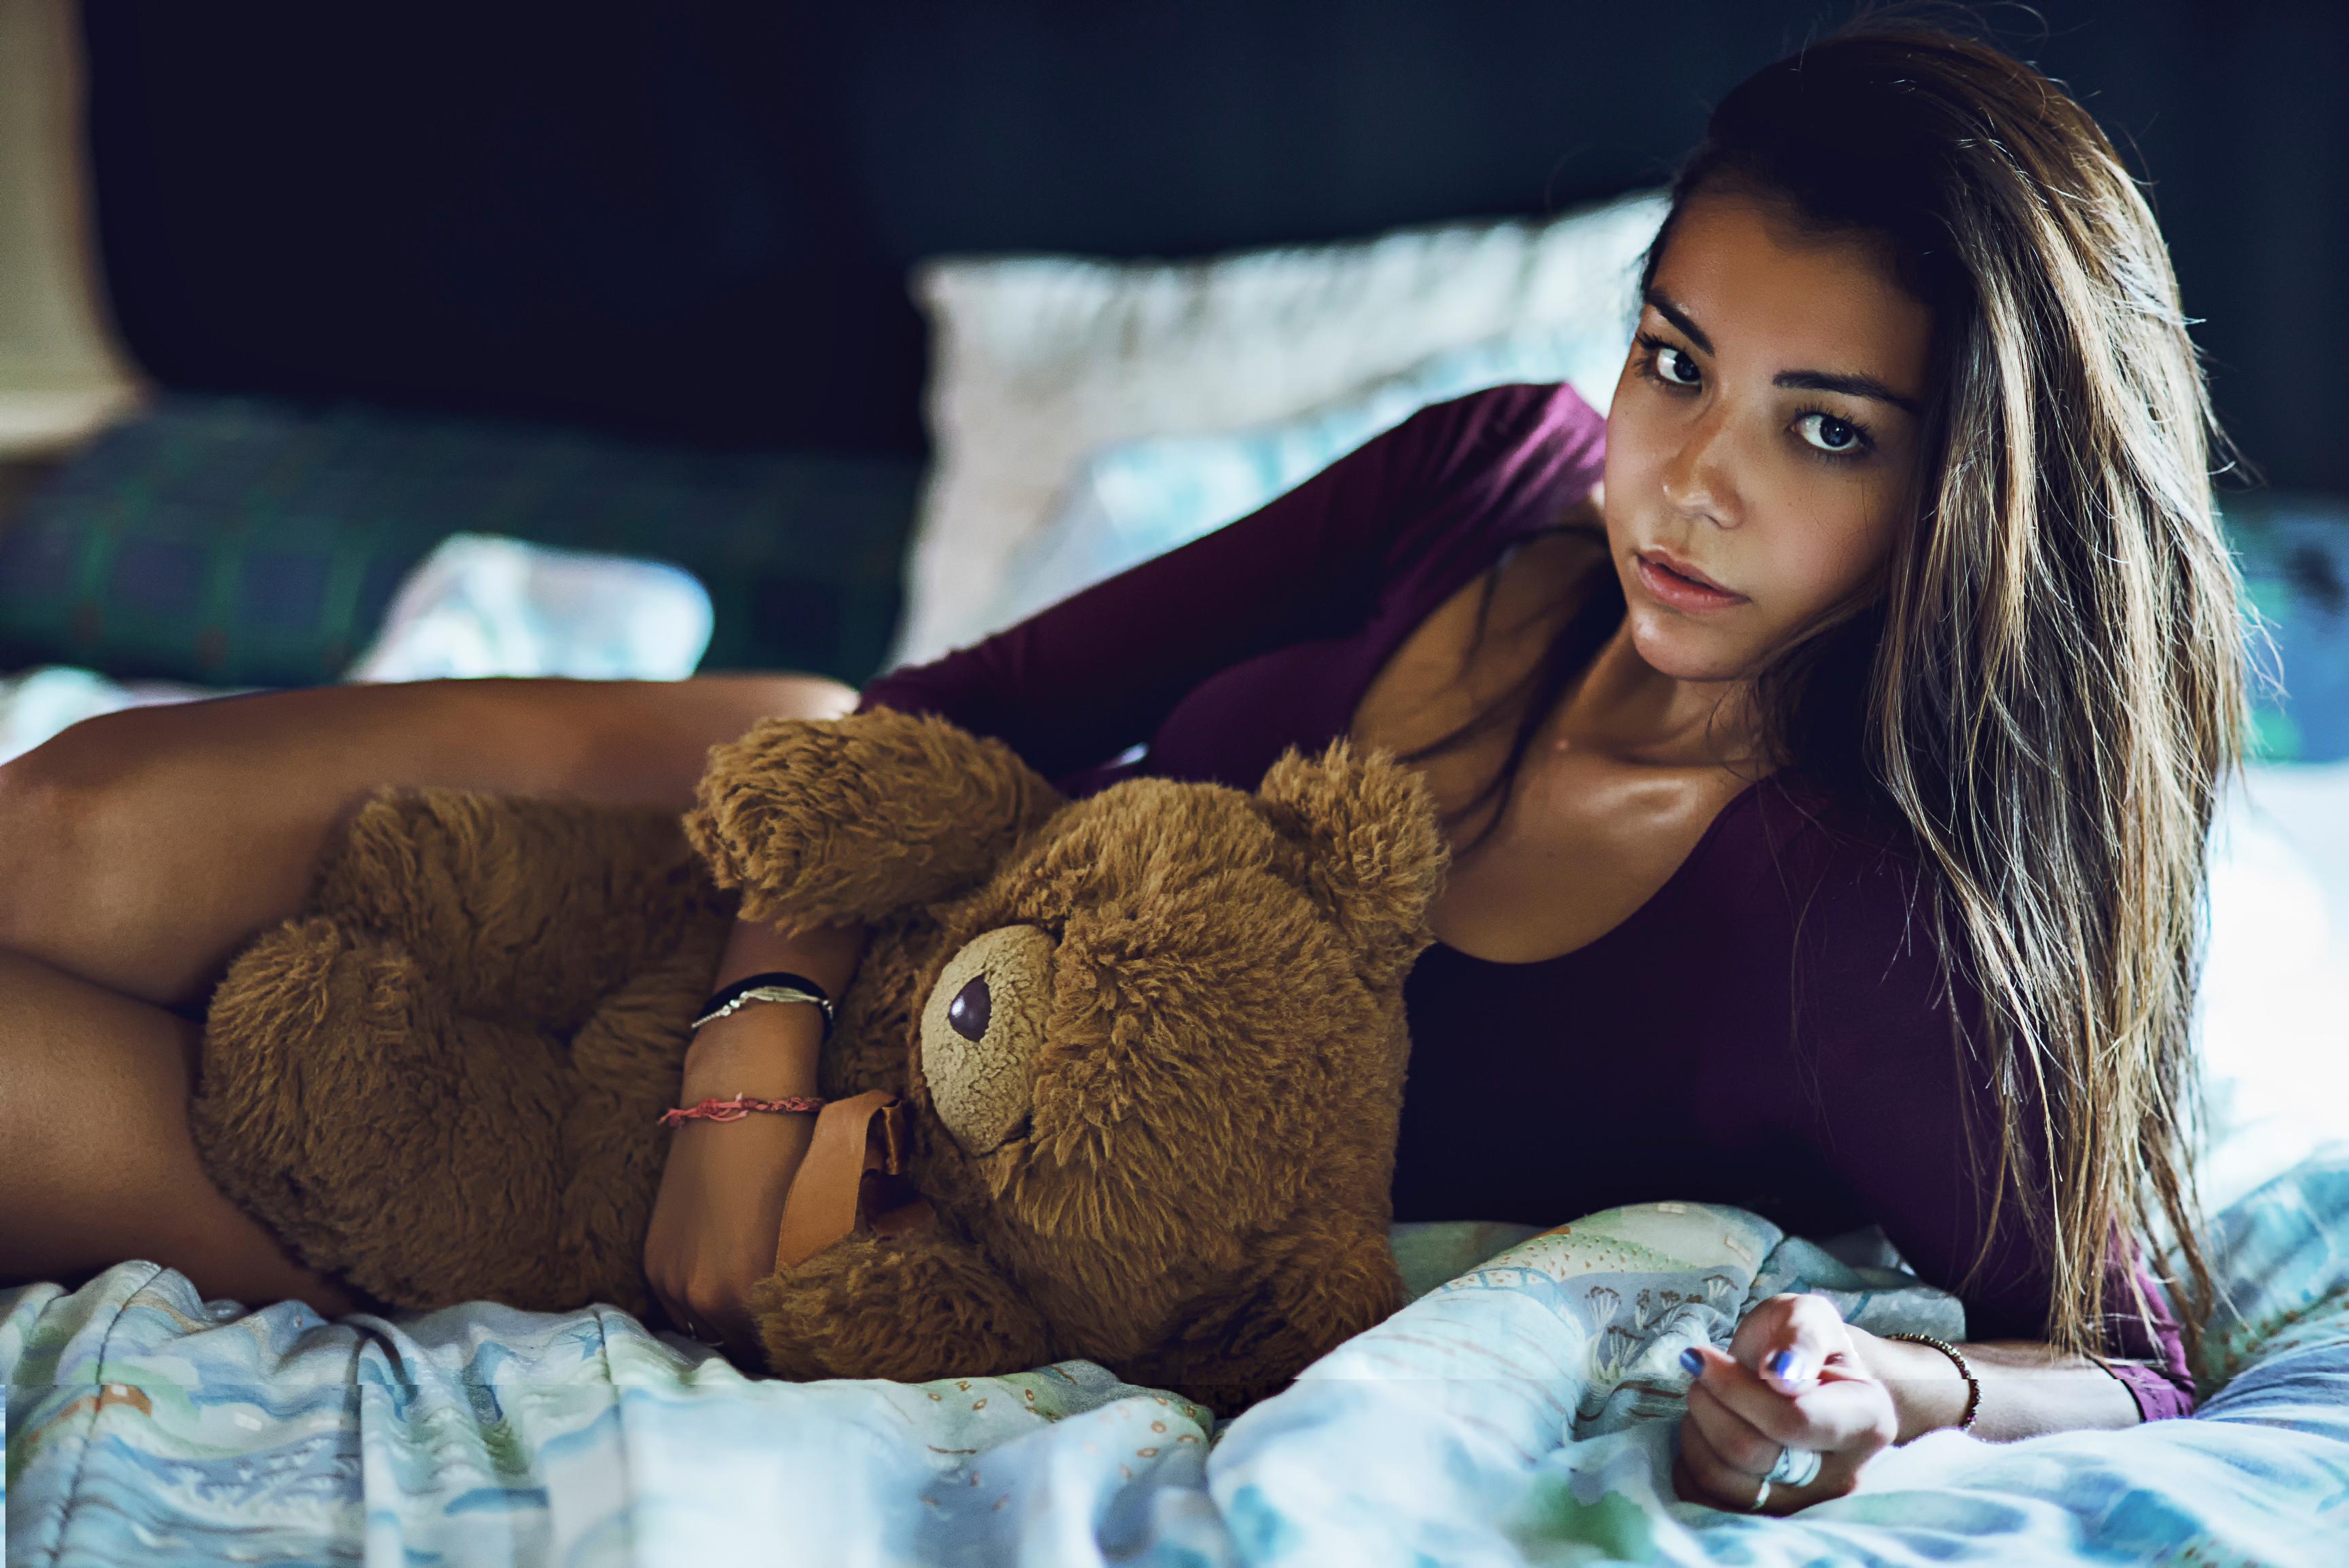 девушка медведь плюшевый  № 351084 бесплатно